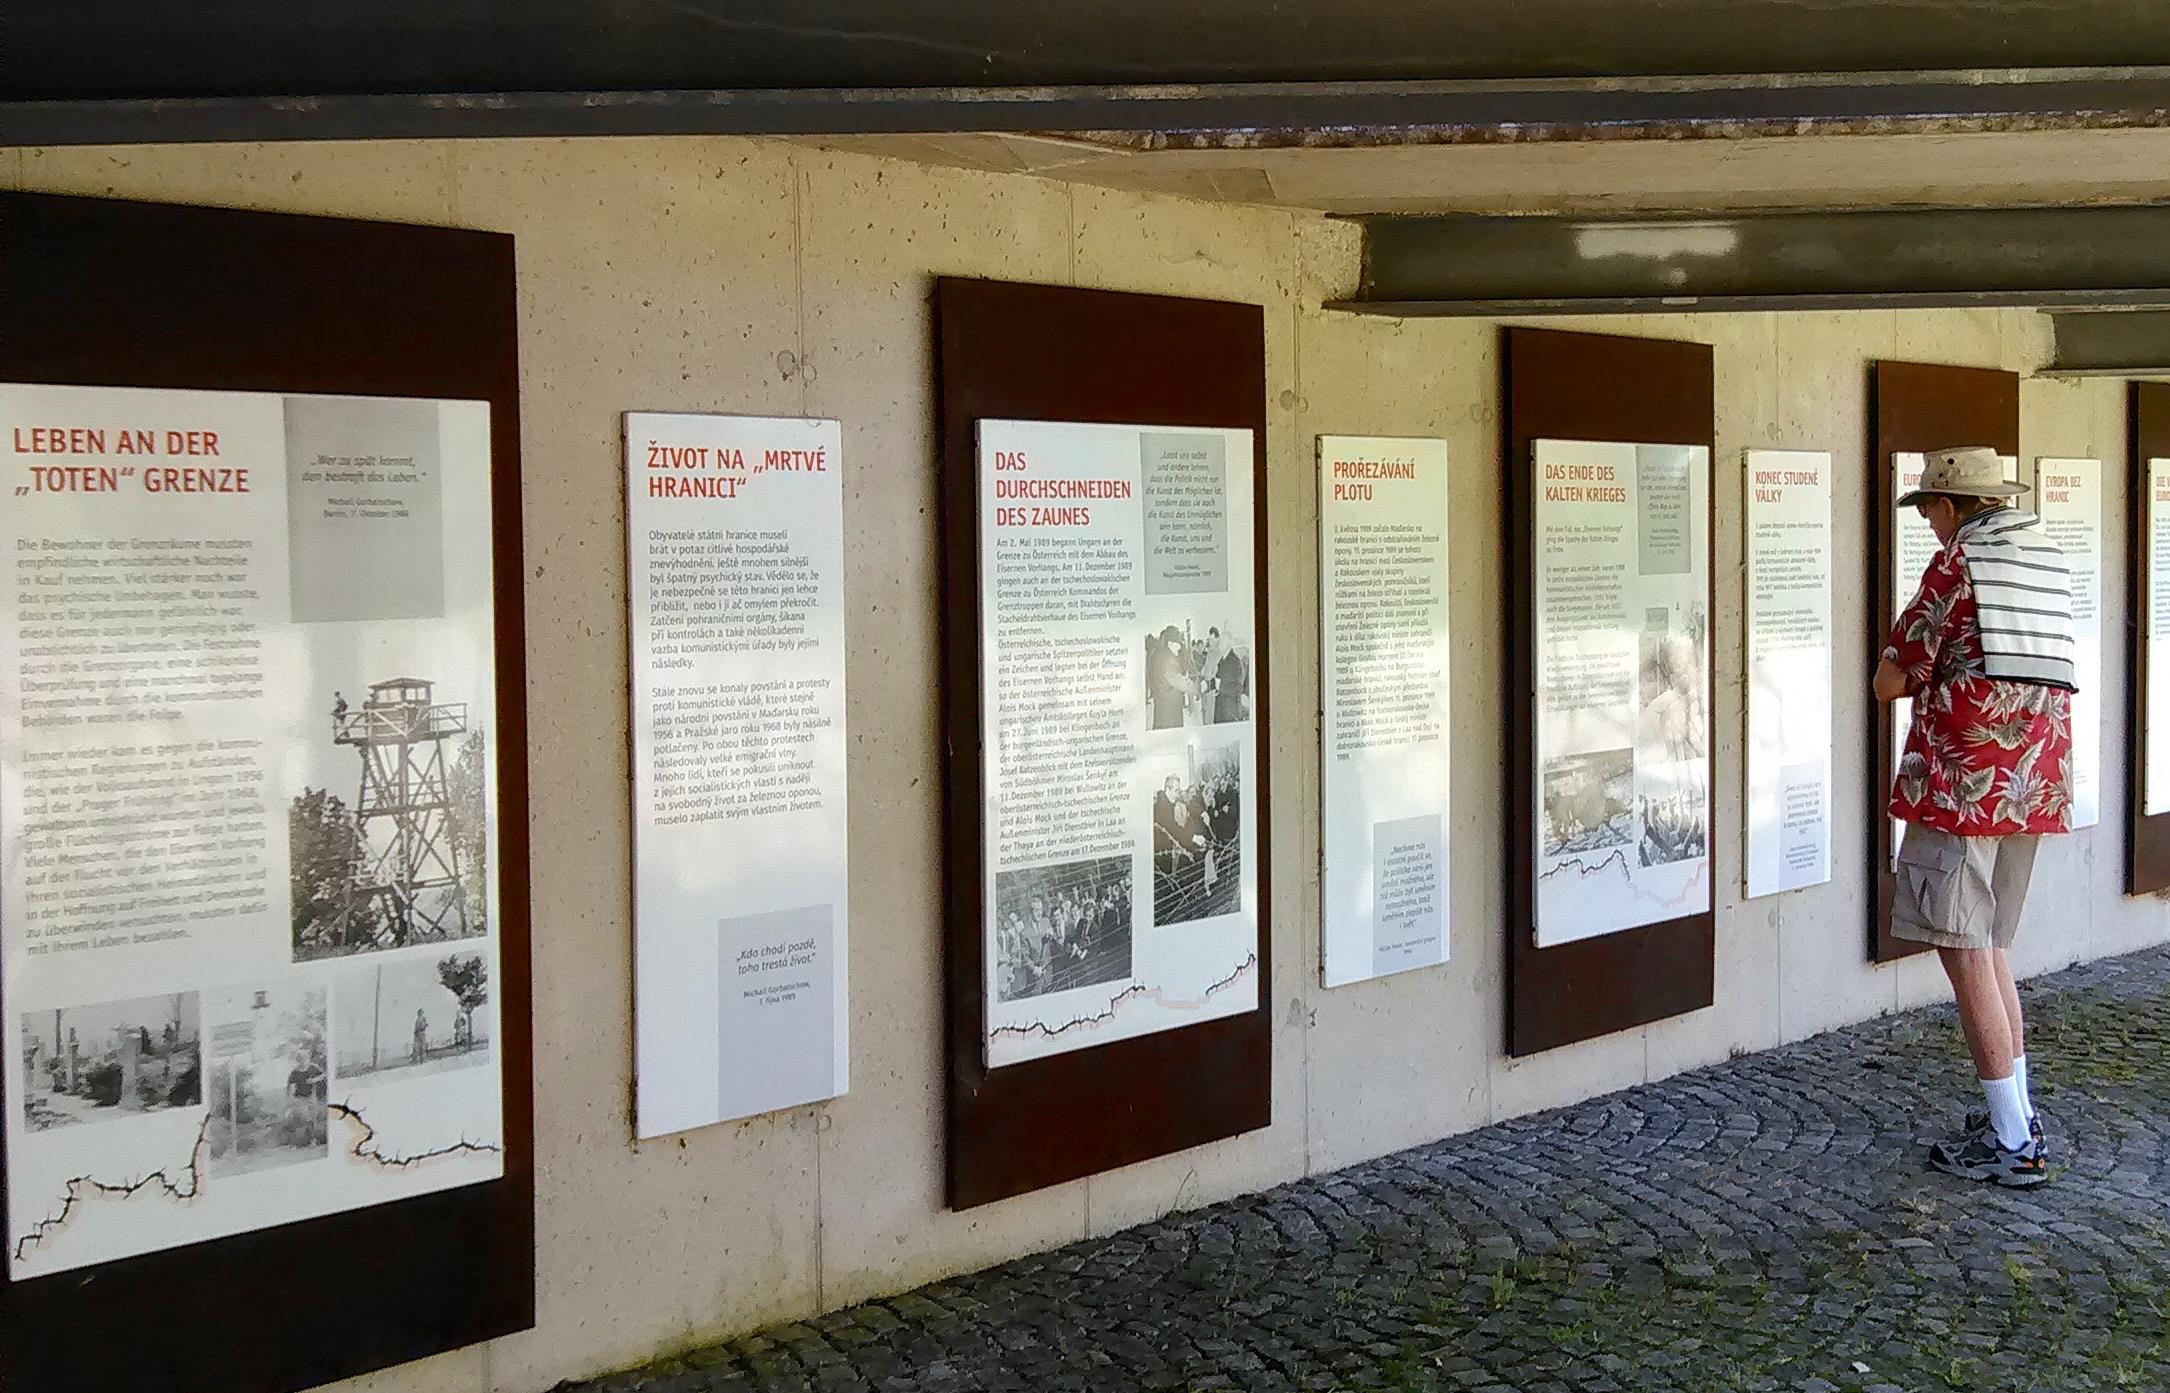 Iron Curtain Memorial